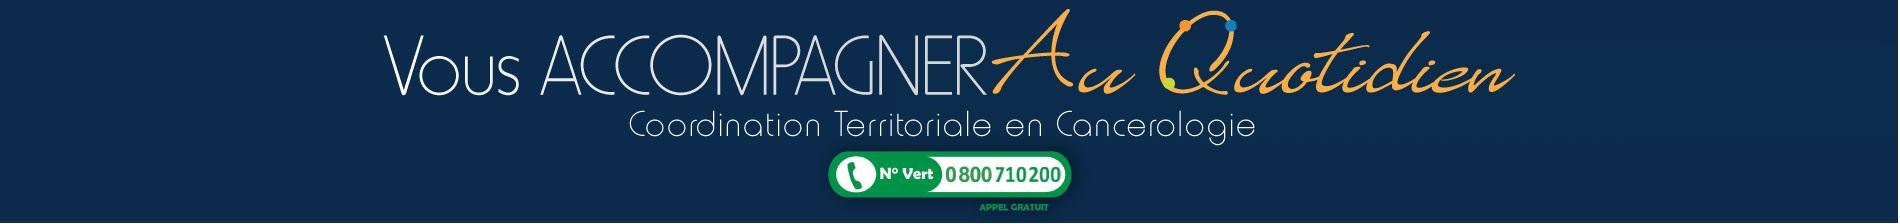 ACTC - Appeler l'infirmier(ère) coordinateur(rice) bandeau image